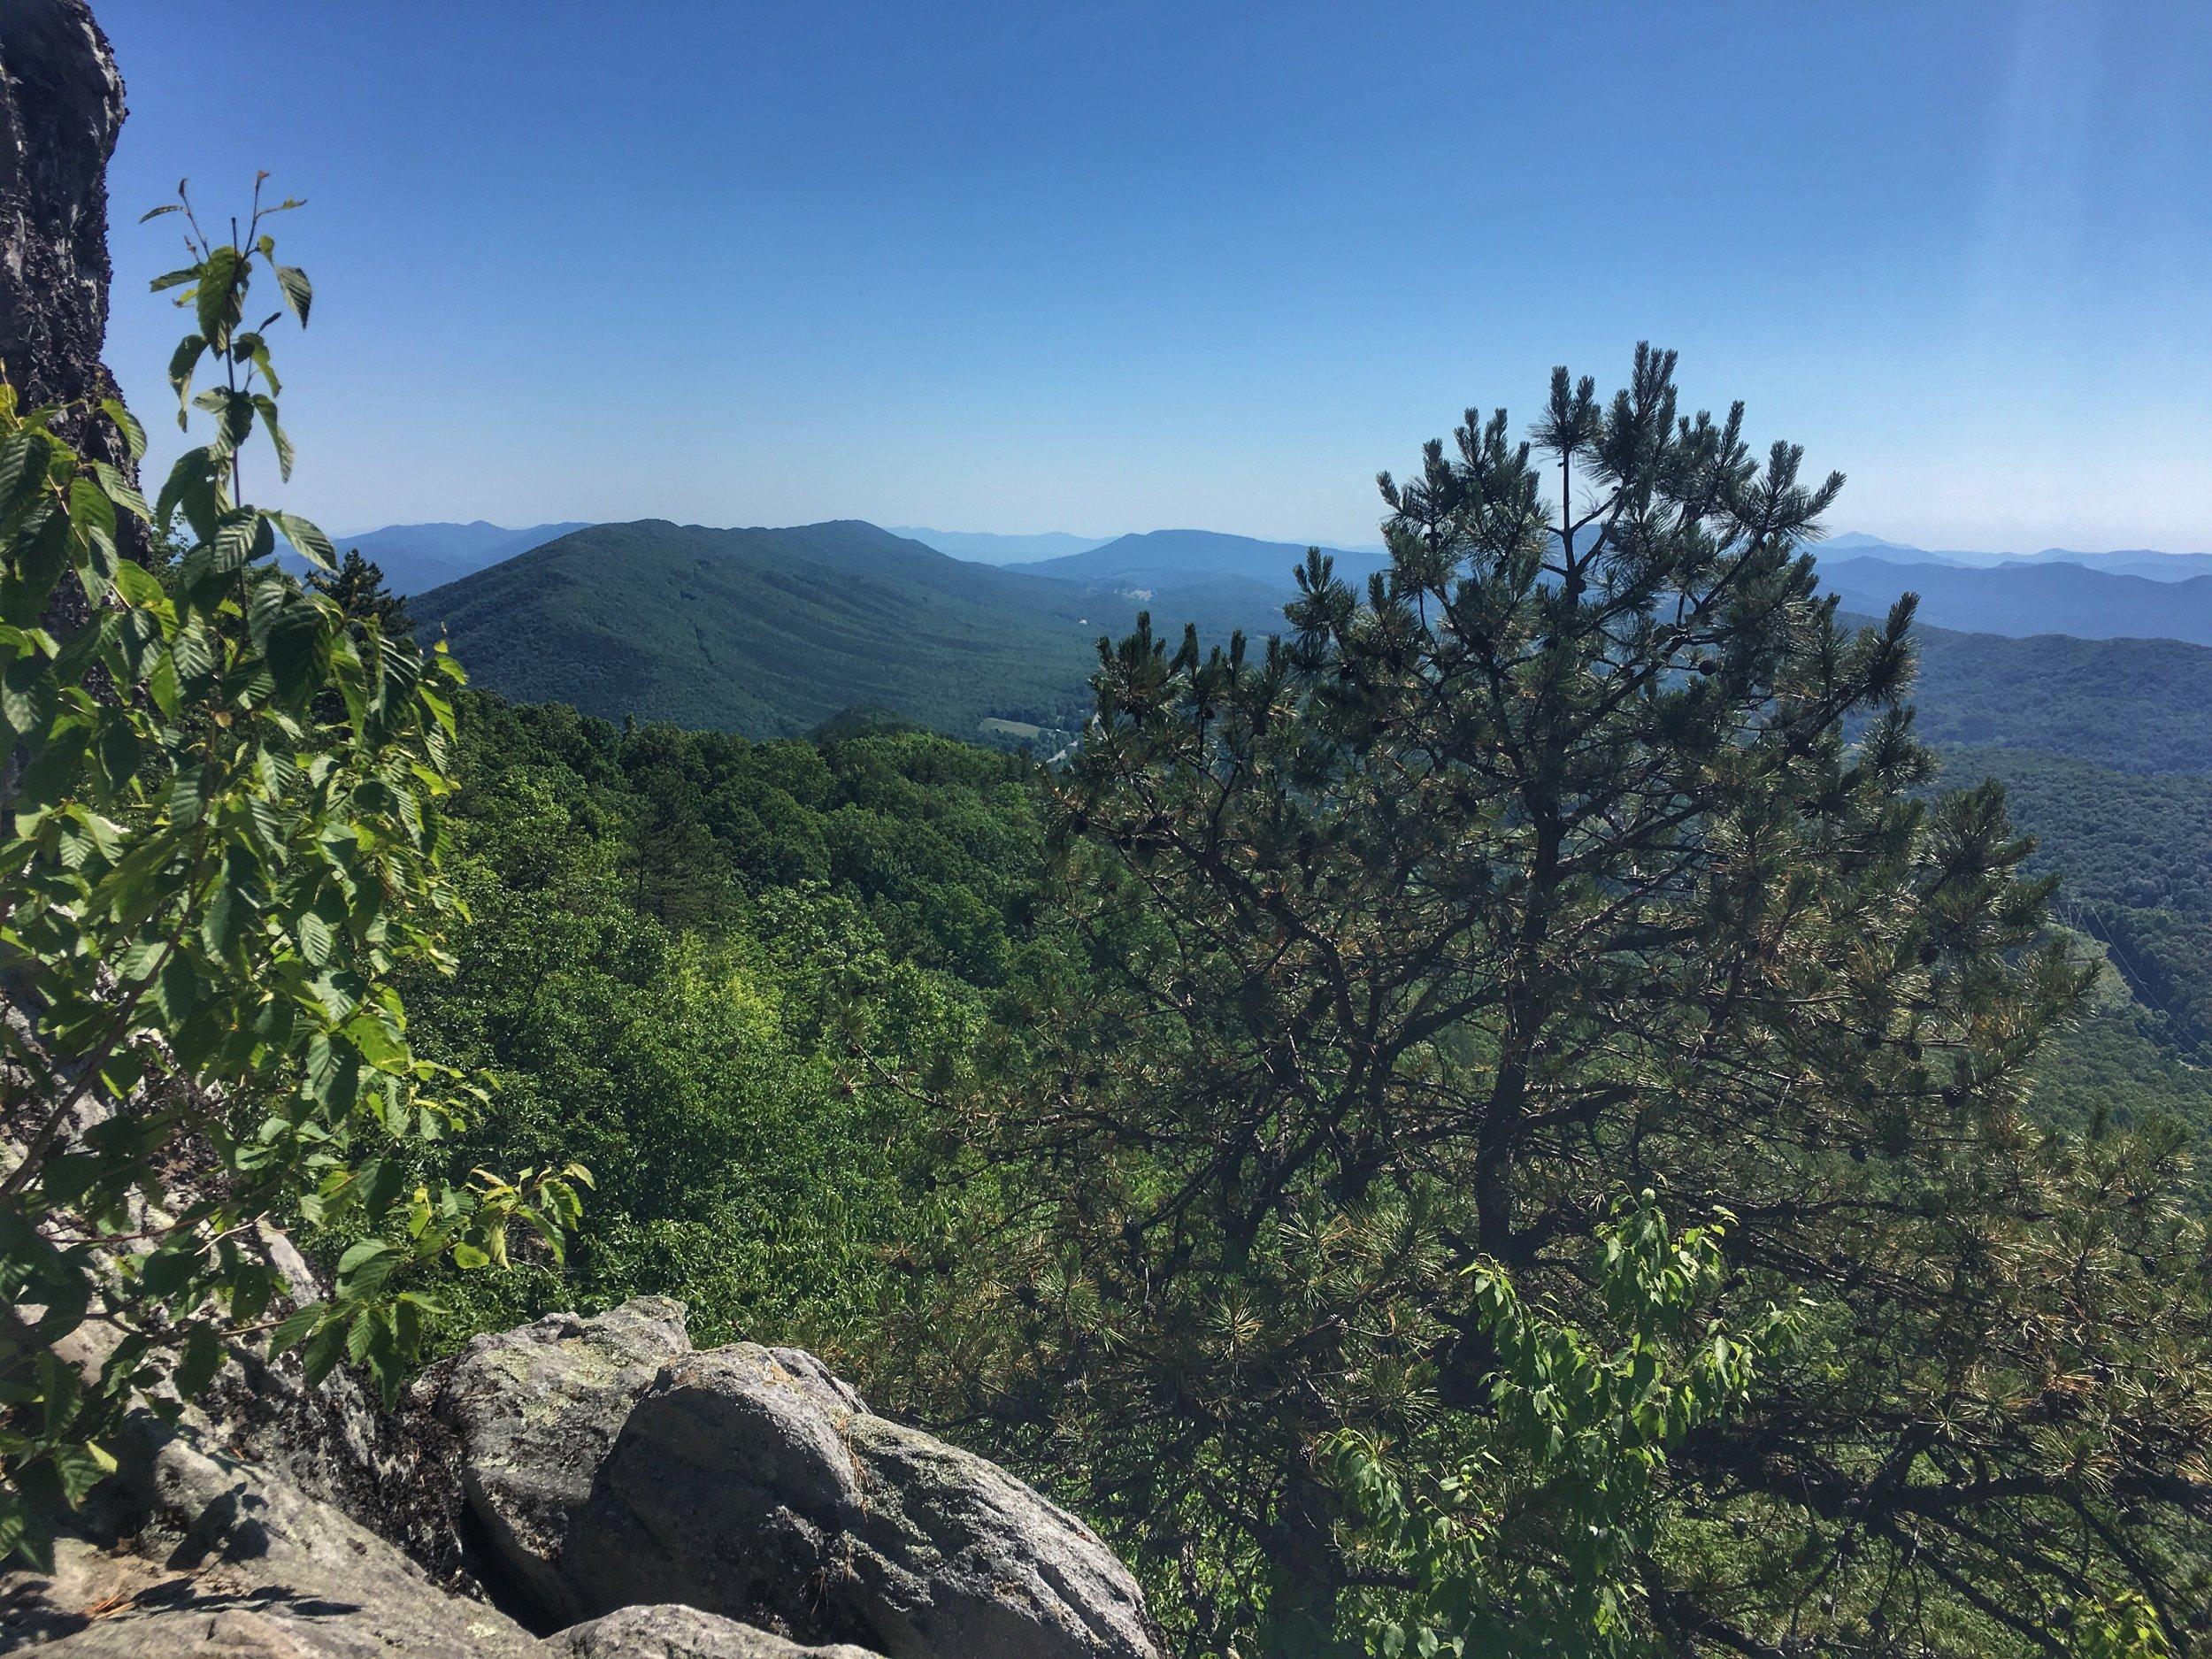 blue-ridge-mountains-near-roanoke.jpg